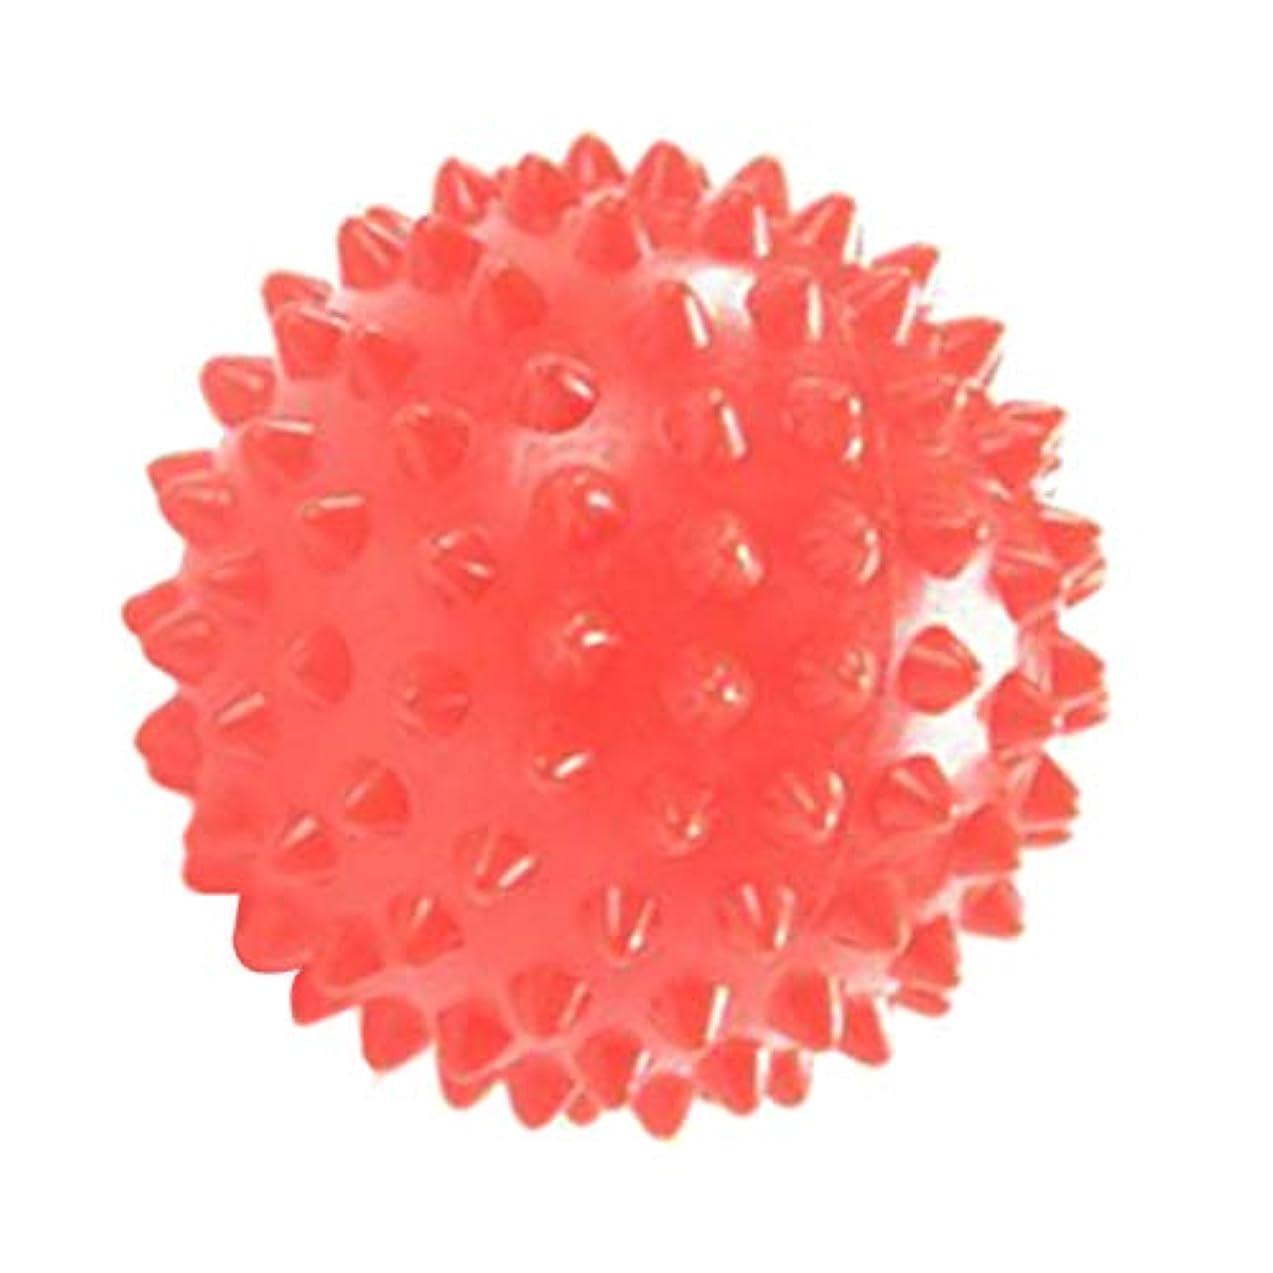 文化クラックポットホイッスルsharprepublic 指圧マッサージボール ローラーボール マッサージローラー トリガーポイント 疲労軽減 痛み緩和